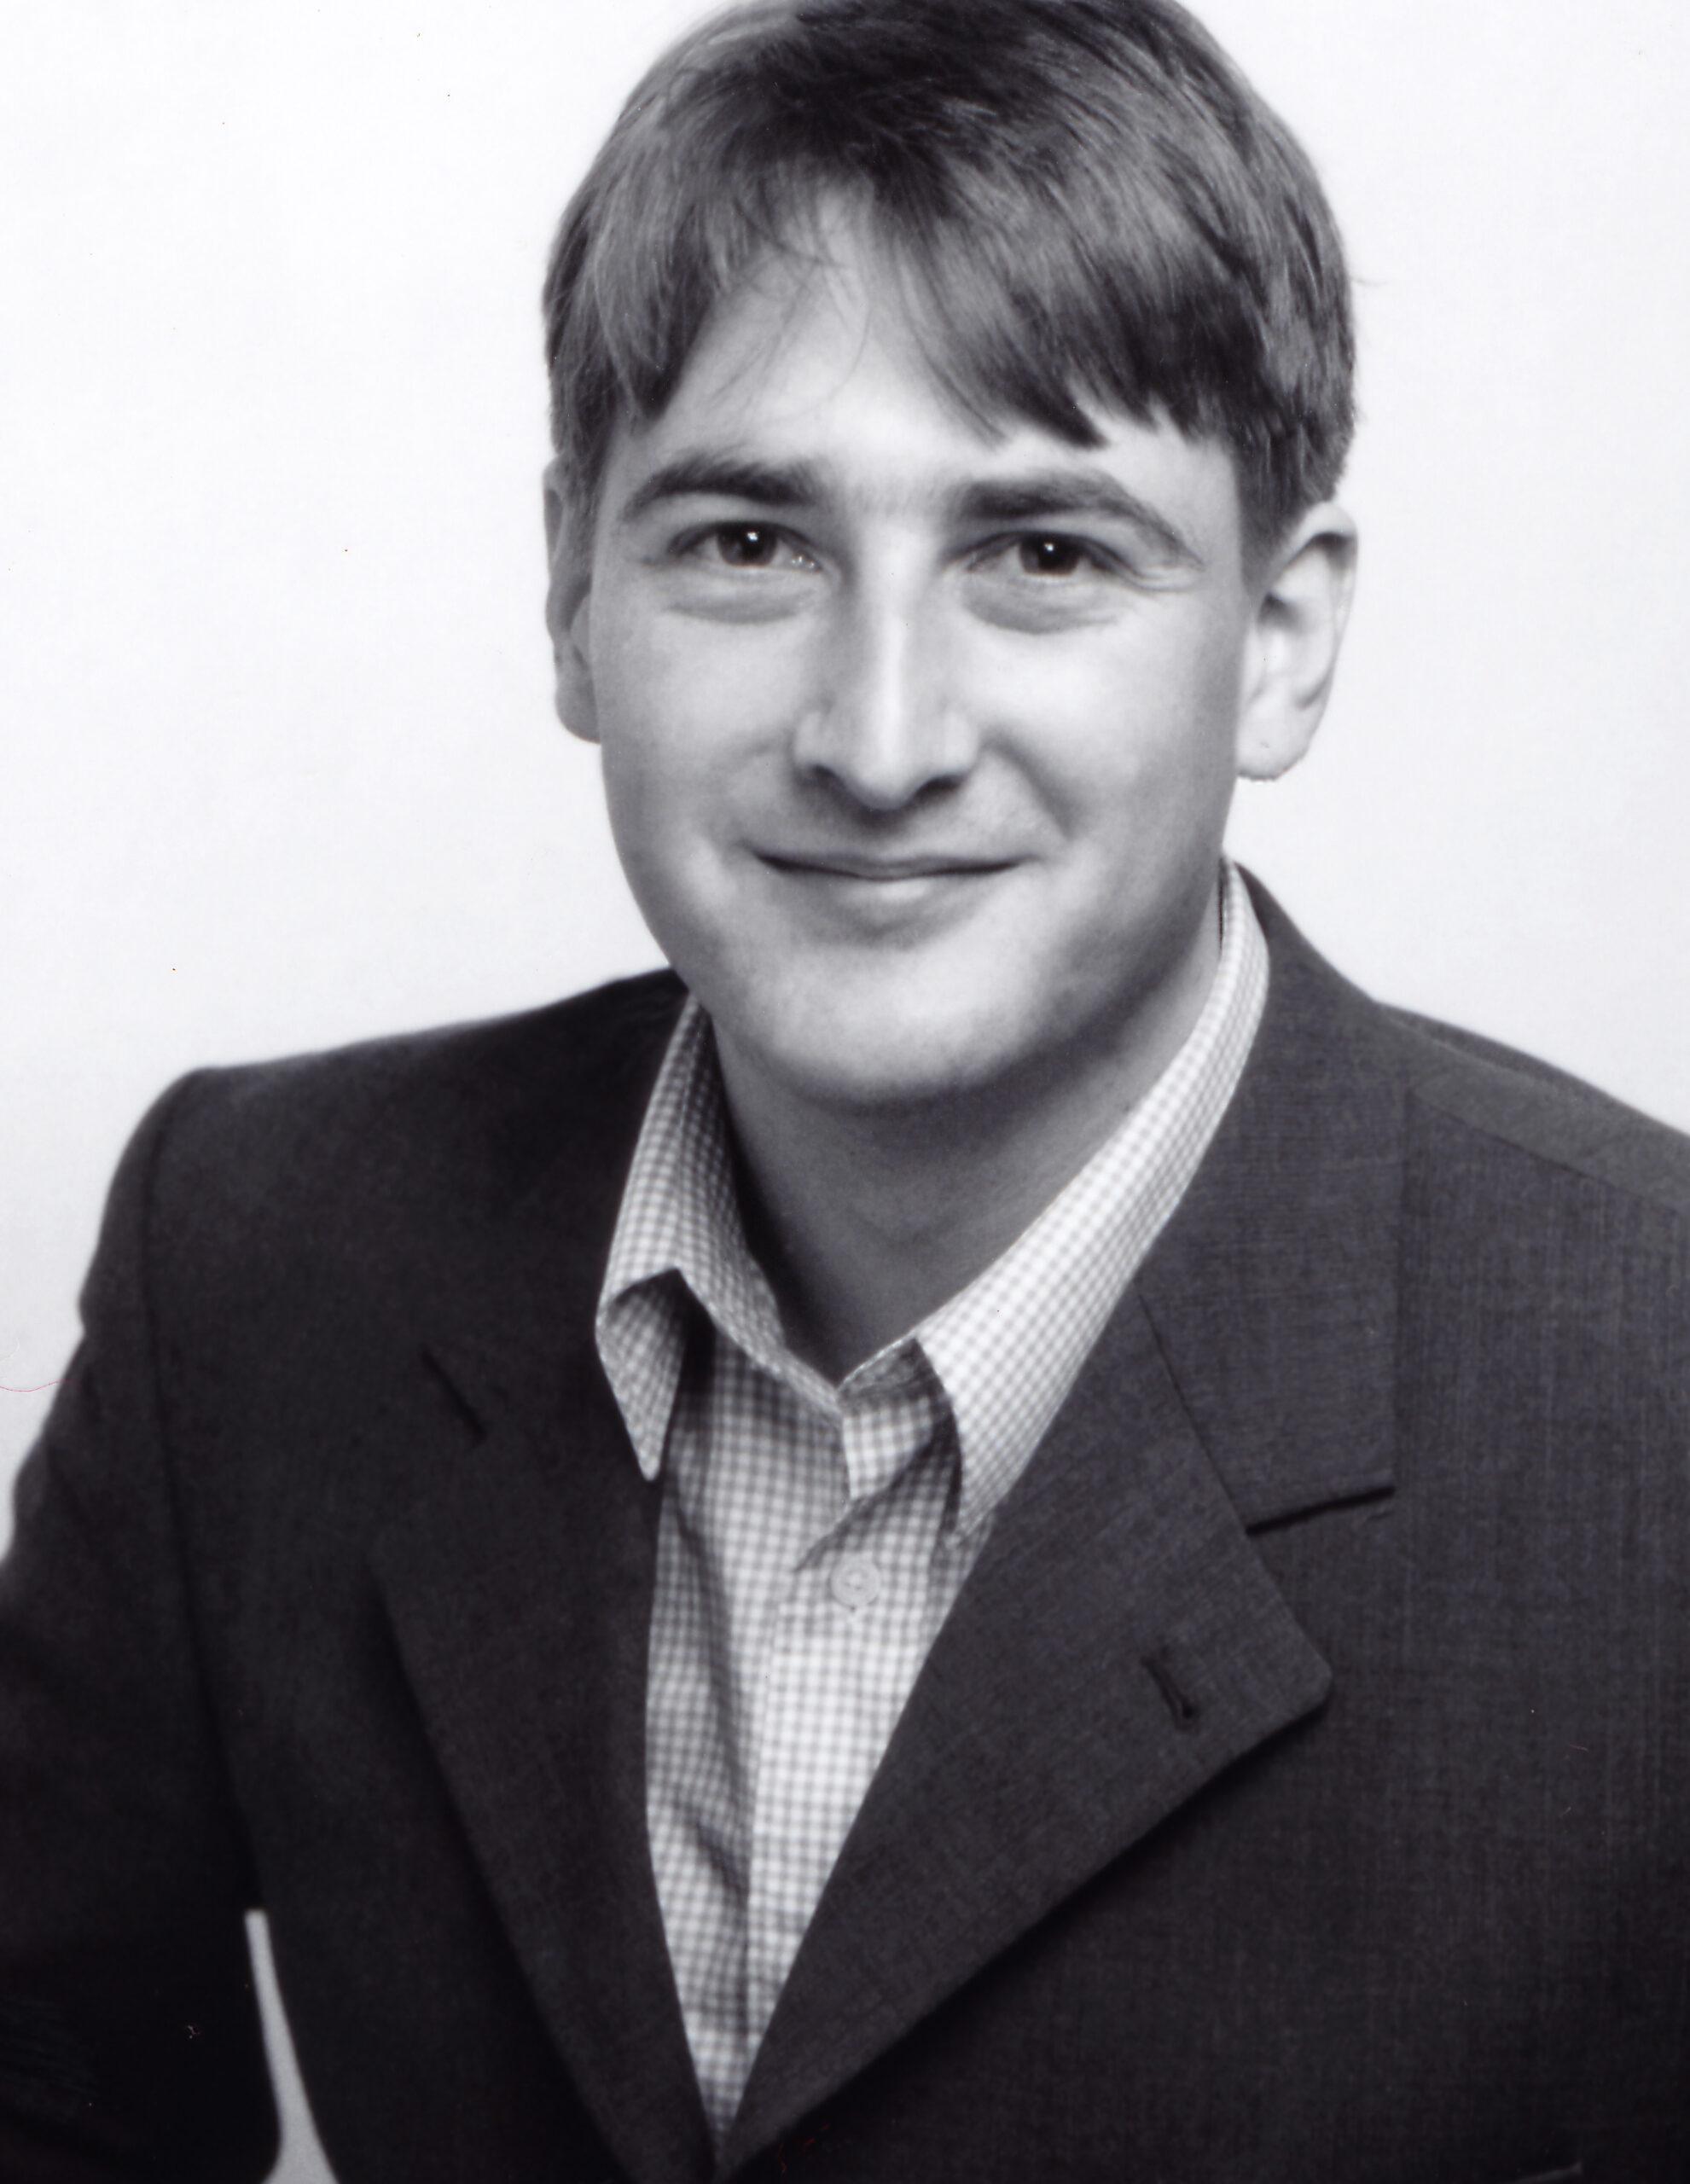 Sebastian Petrich